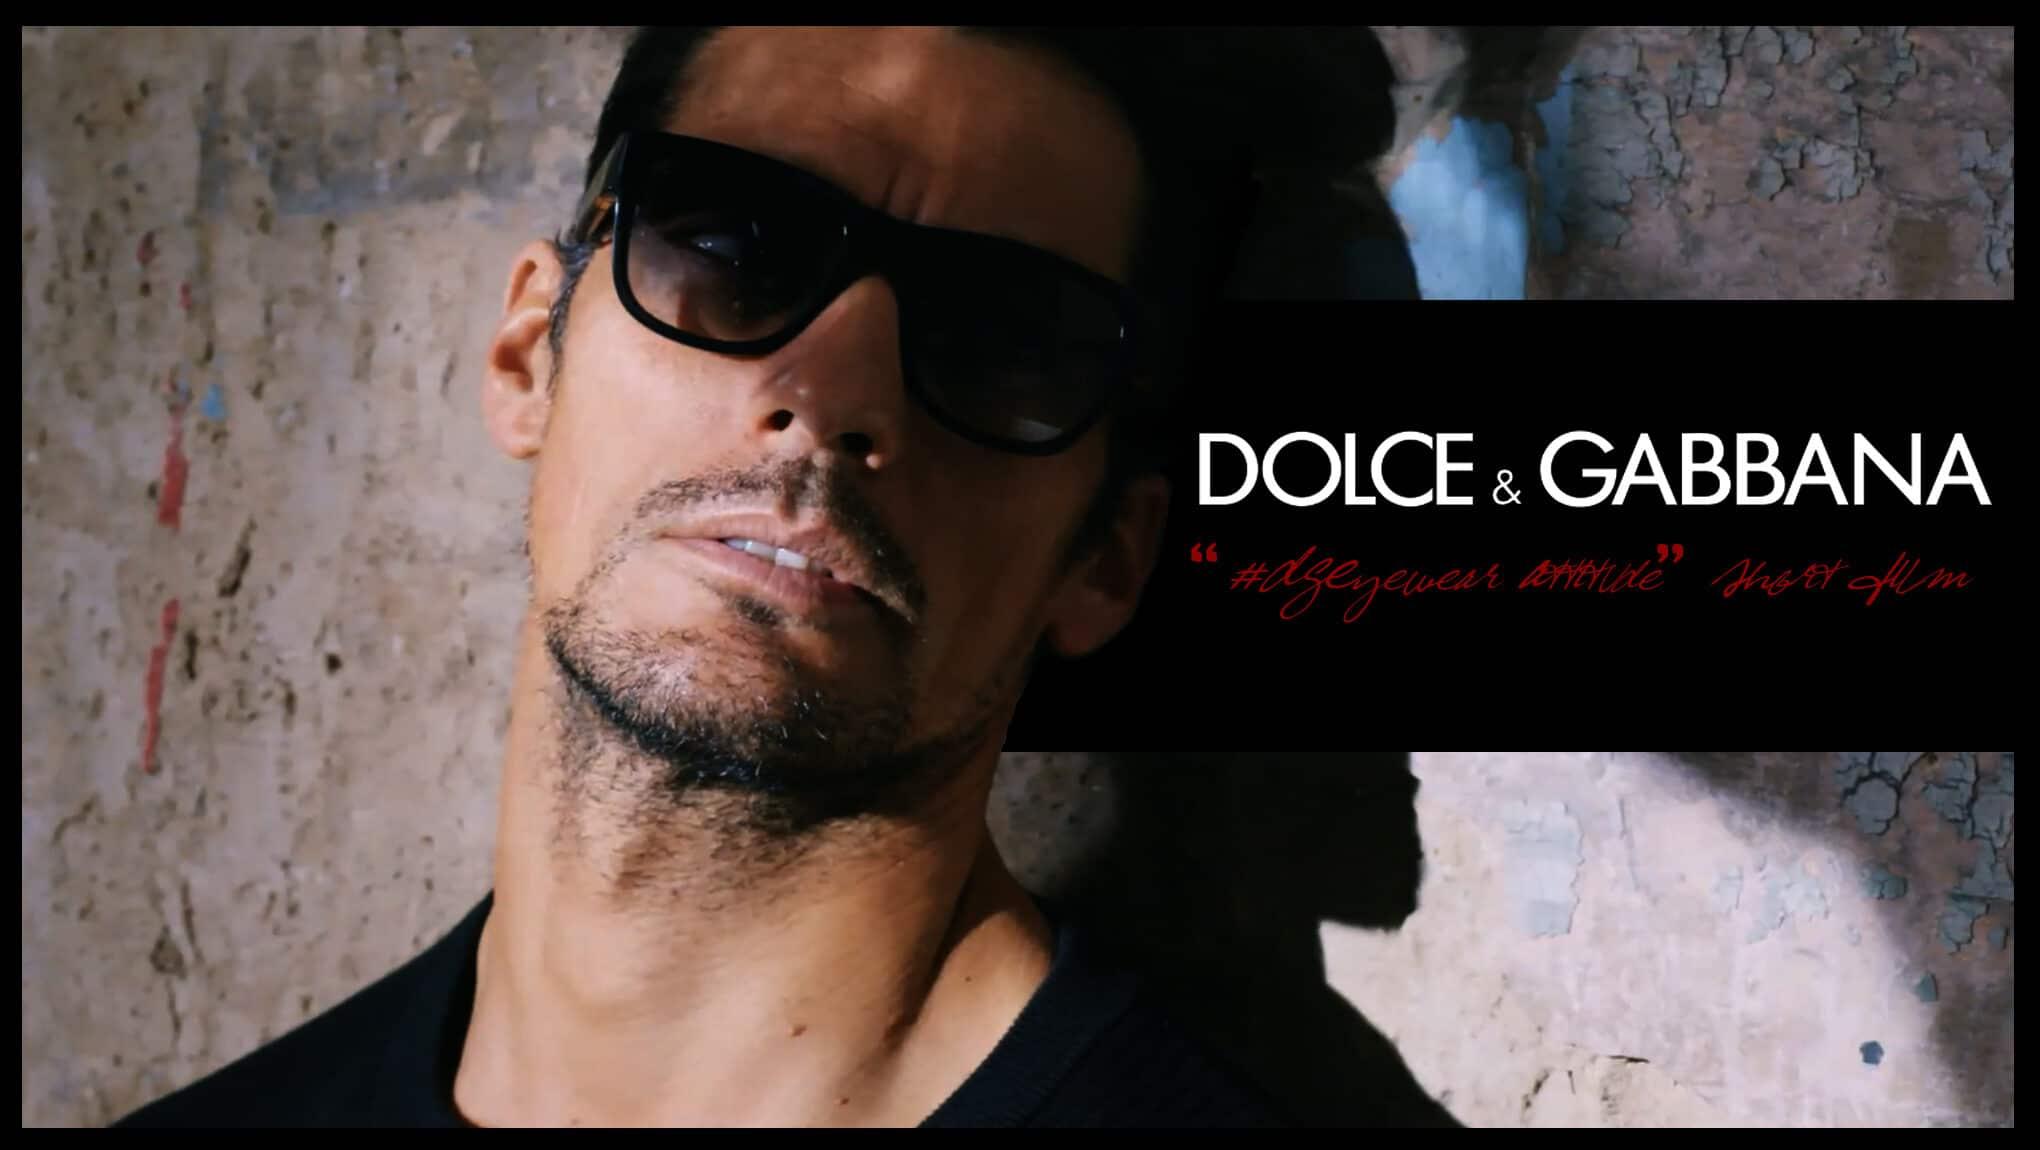 Dolce & Gabbana,cheyan antwaune gray, cheyan gray, antwaune gray, thelifestyleelite,elite lifestyle, thelifestyleelitedotcom, thelifestyleelite.com,tlselite.com,TheLifeStyleElite.com,cheyan antwaune gray,fashion,models of thelifestyleelite.com, the life style elite,the lifestyle elite,elite lifestyle,lifestyleelite.com,cheyan gray,TLSElite,TLSElite.com,TLSEliteGaming,TLSElite Gaming